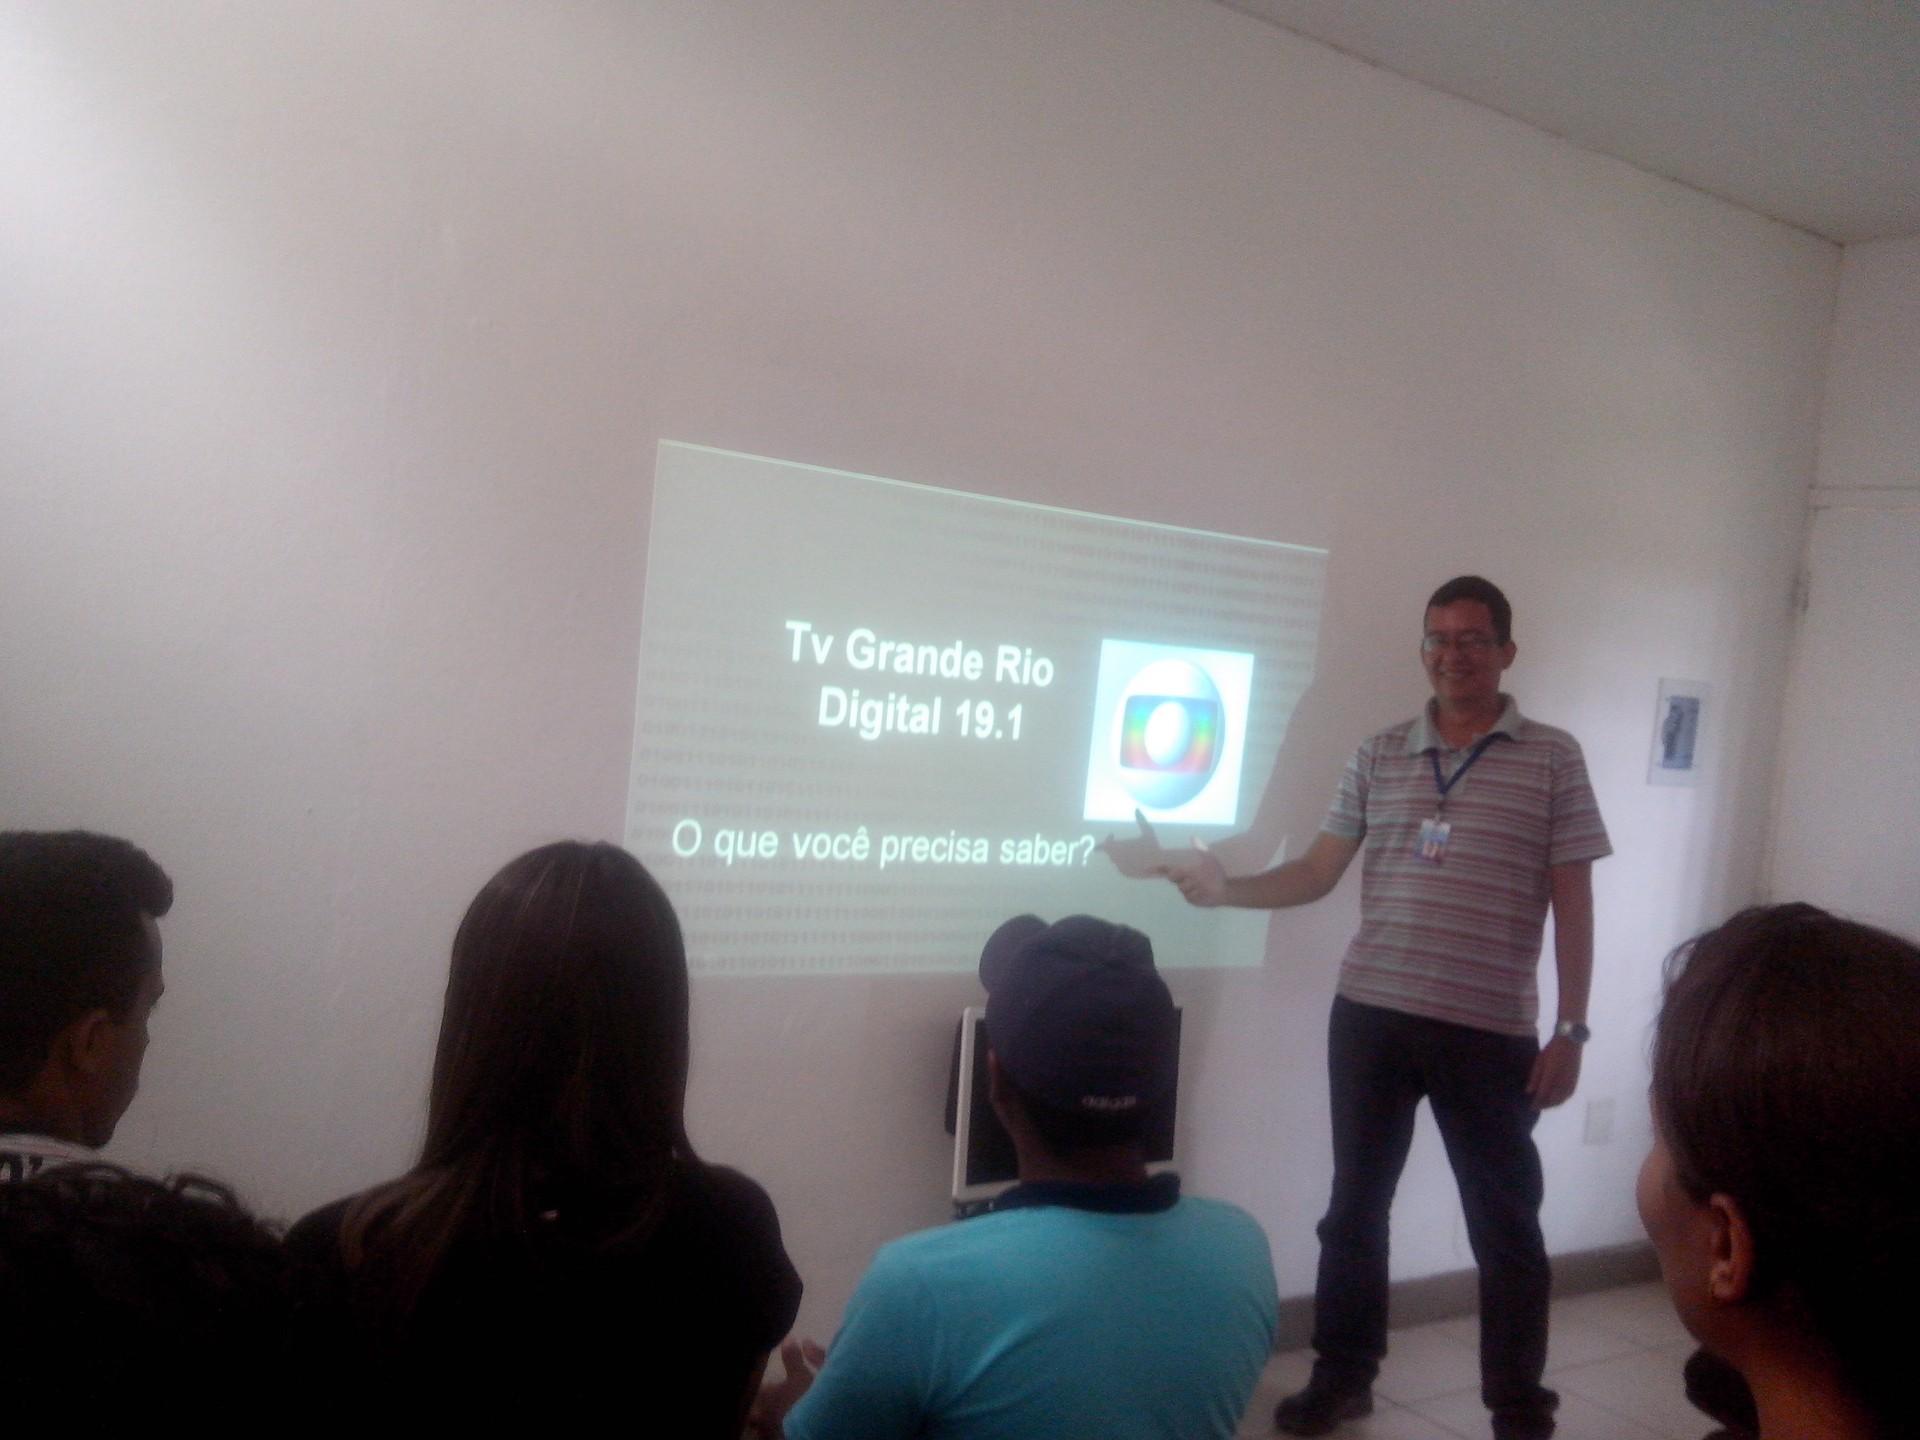 O engenheiro da TV Grande io, Alessandro Freire, ministrou a palestra.  (Foto: Gabriela Canário)